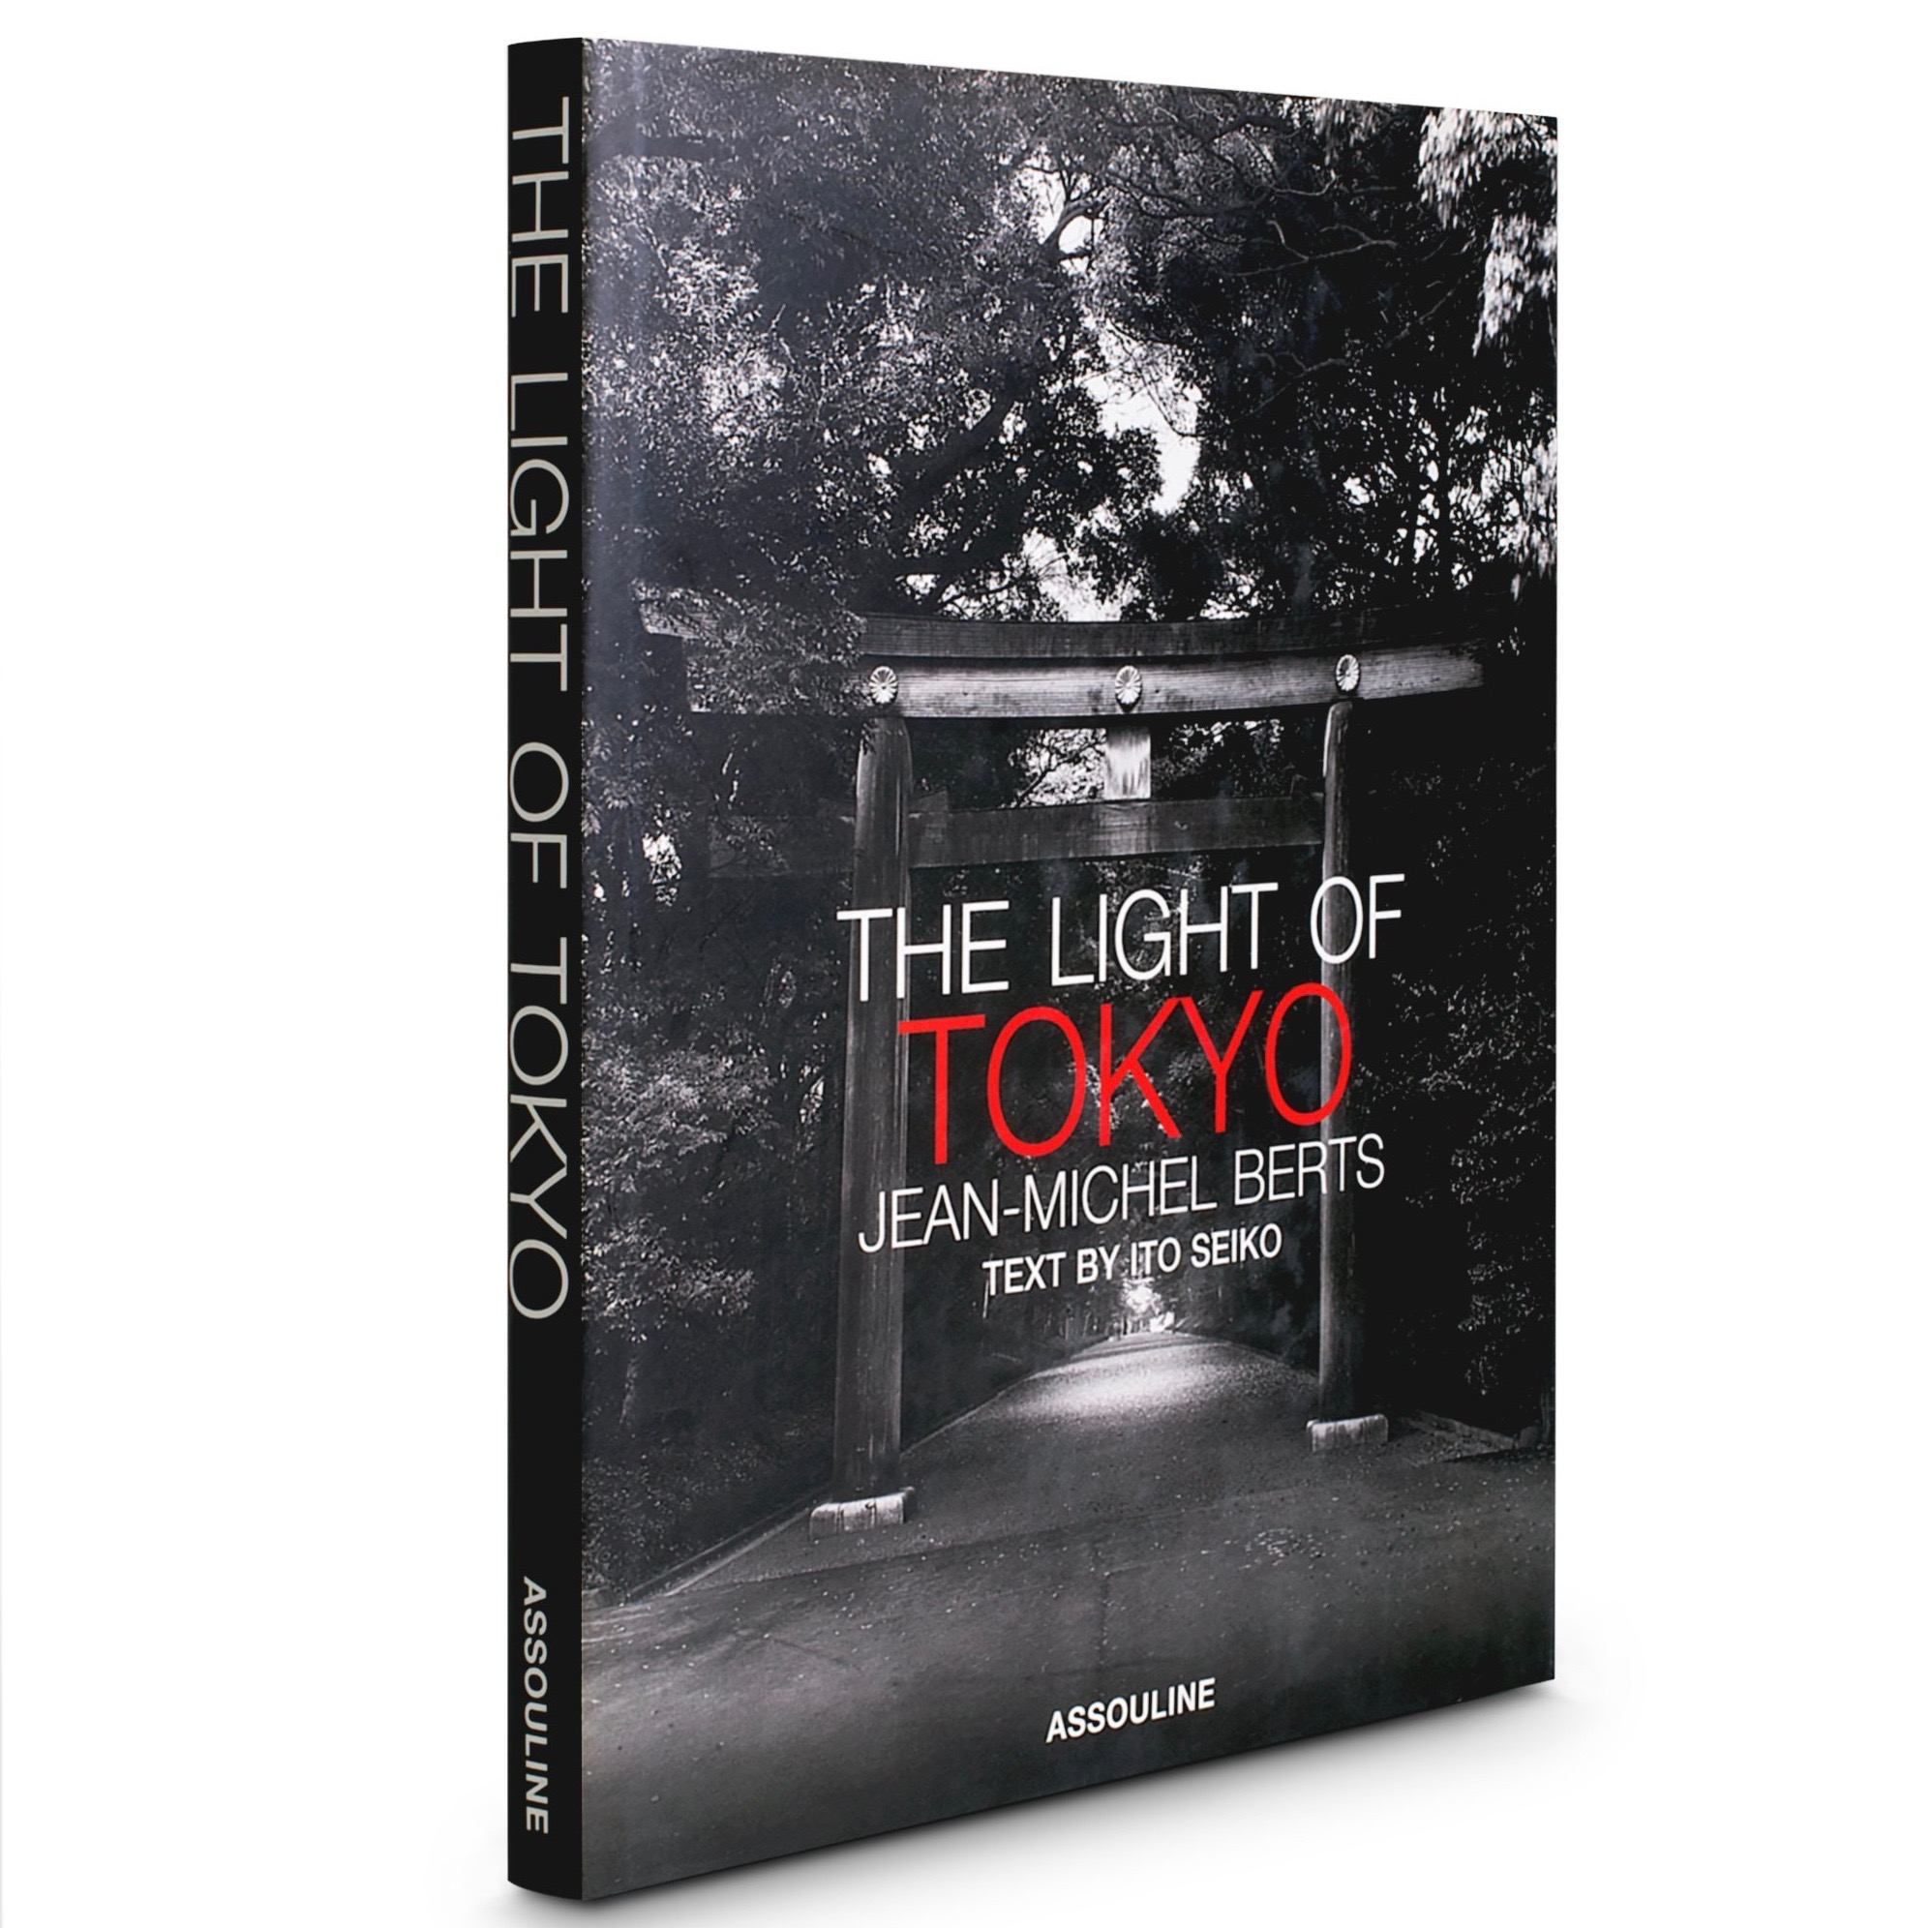 The Light of Tokyo © Assouline